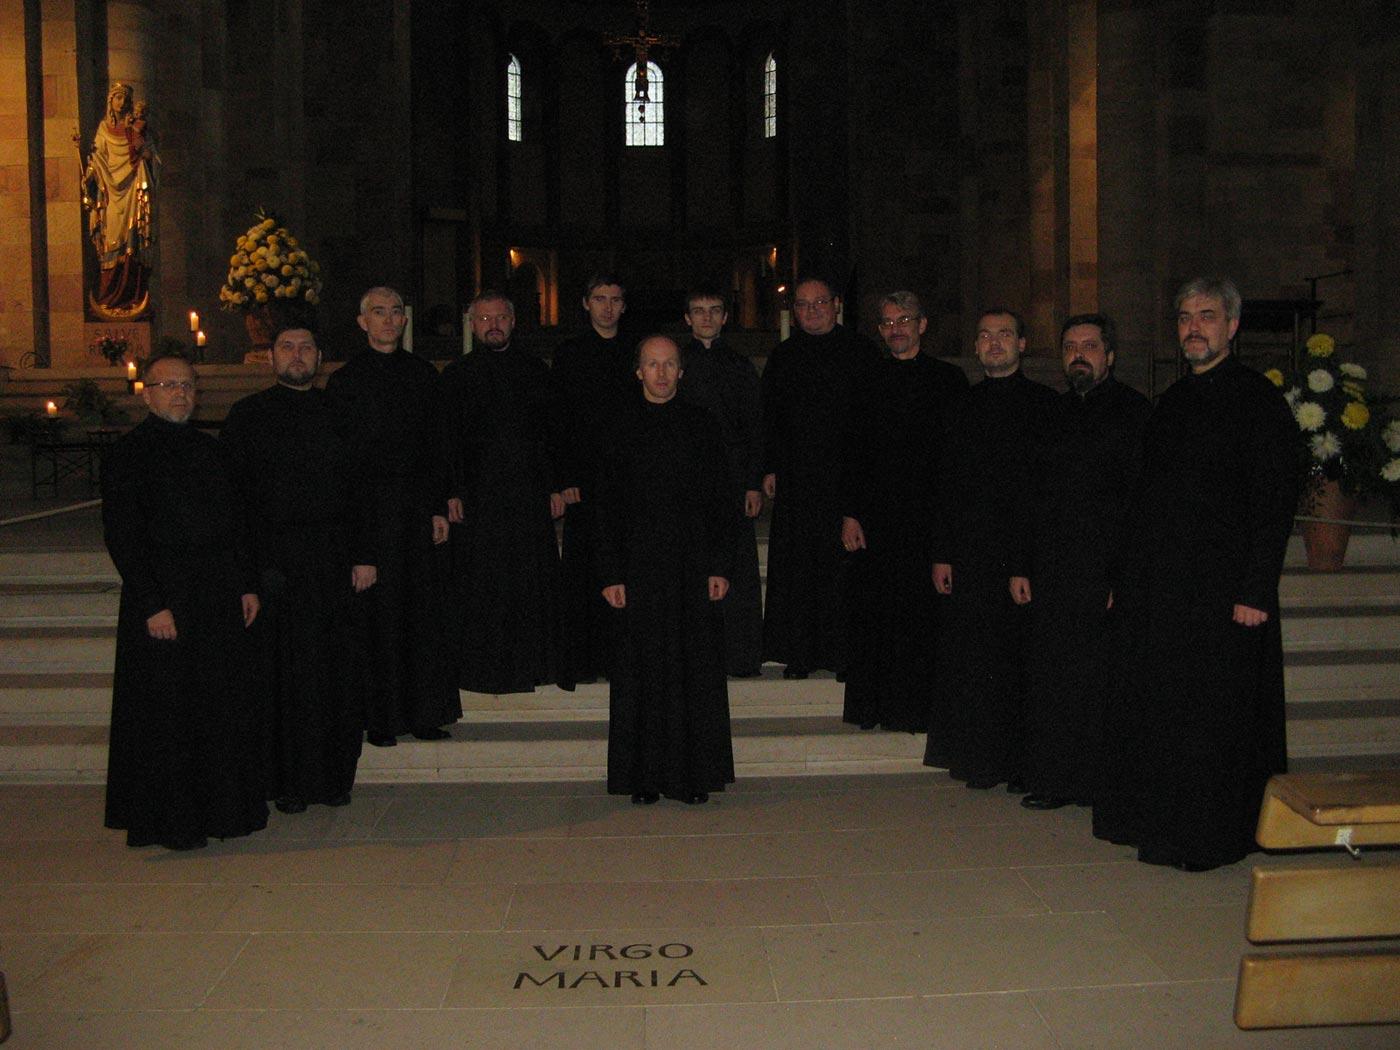 kastalsky-choir